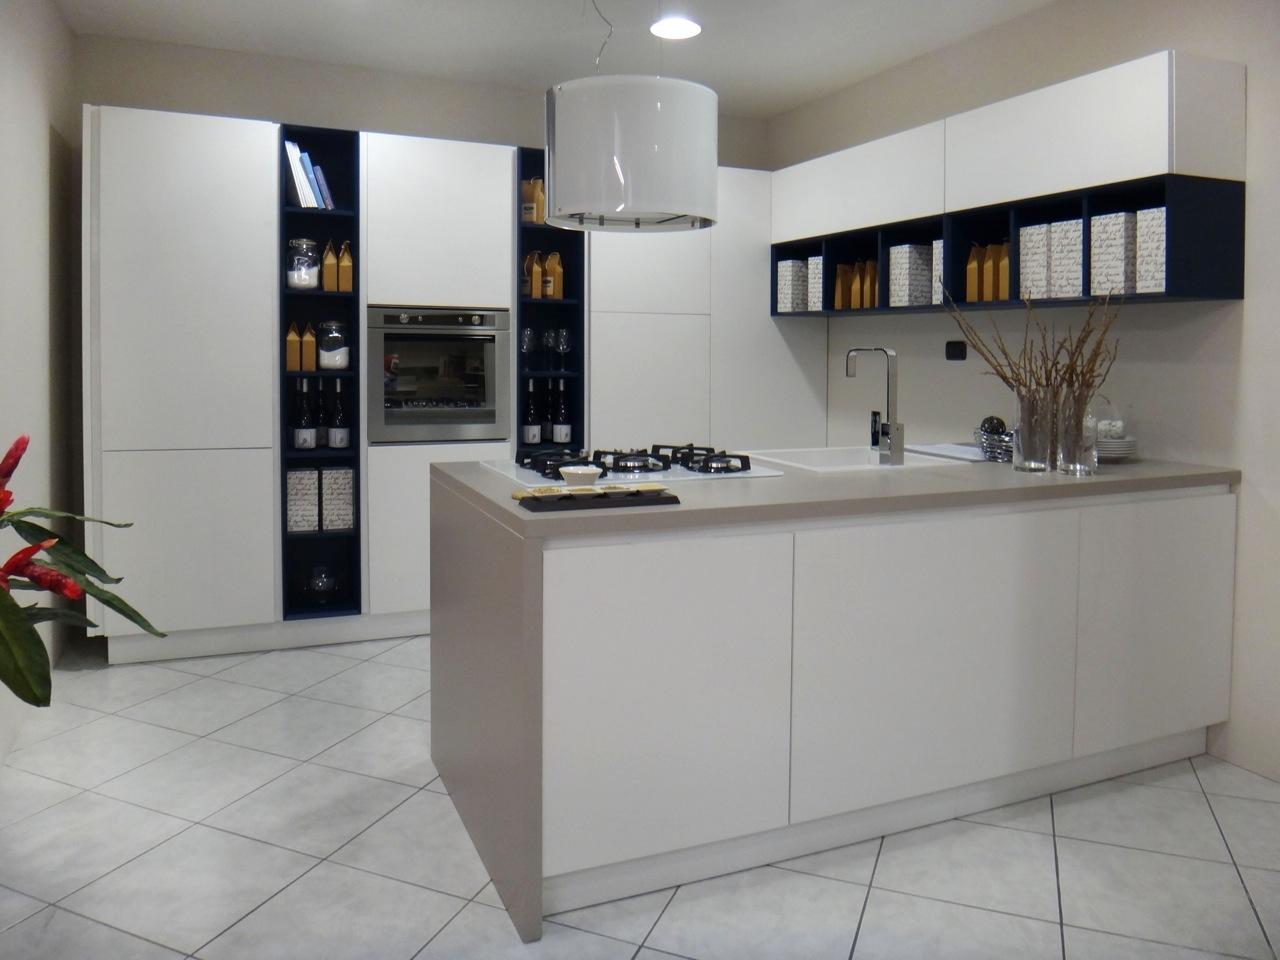 Cucina lube cucine essenza scontato del 50 cucine a for Costo isola cucina